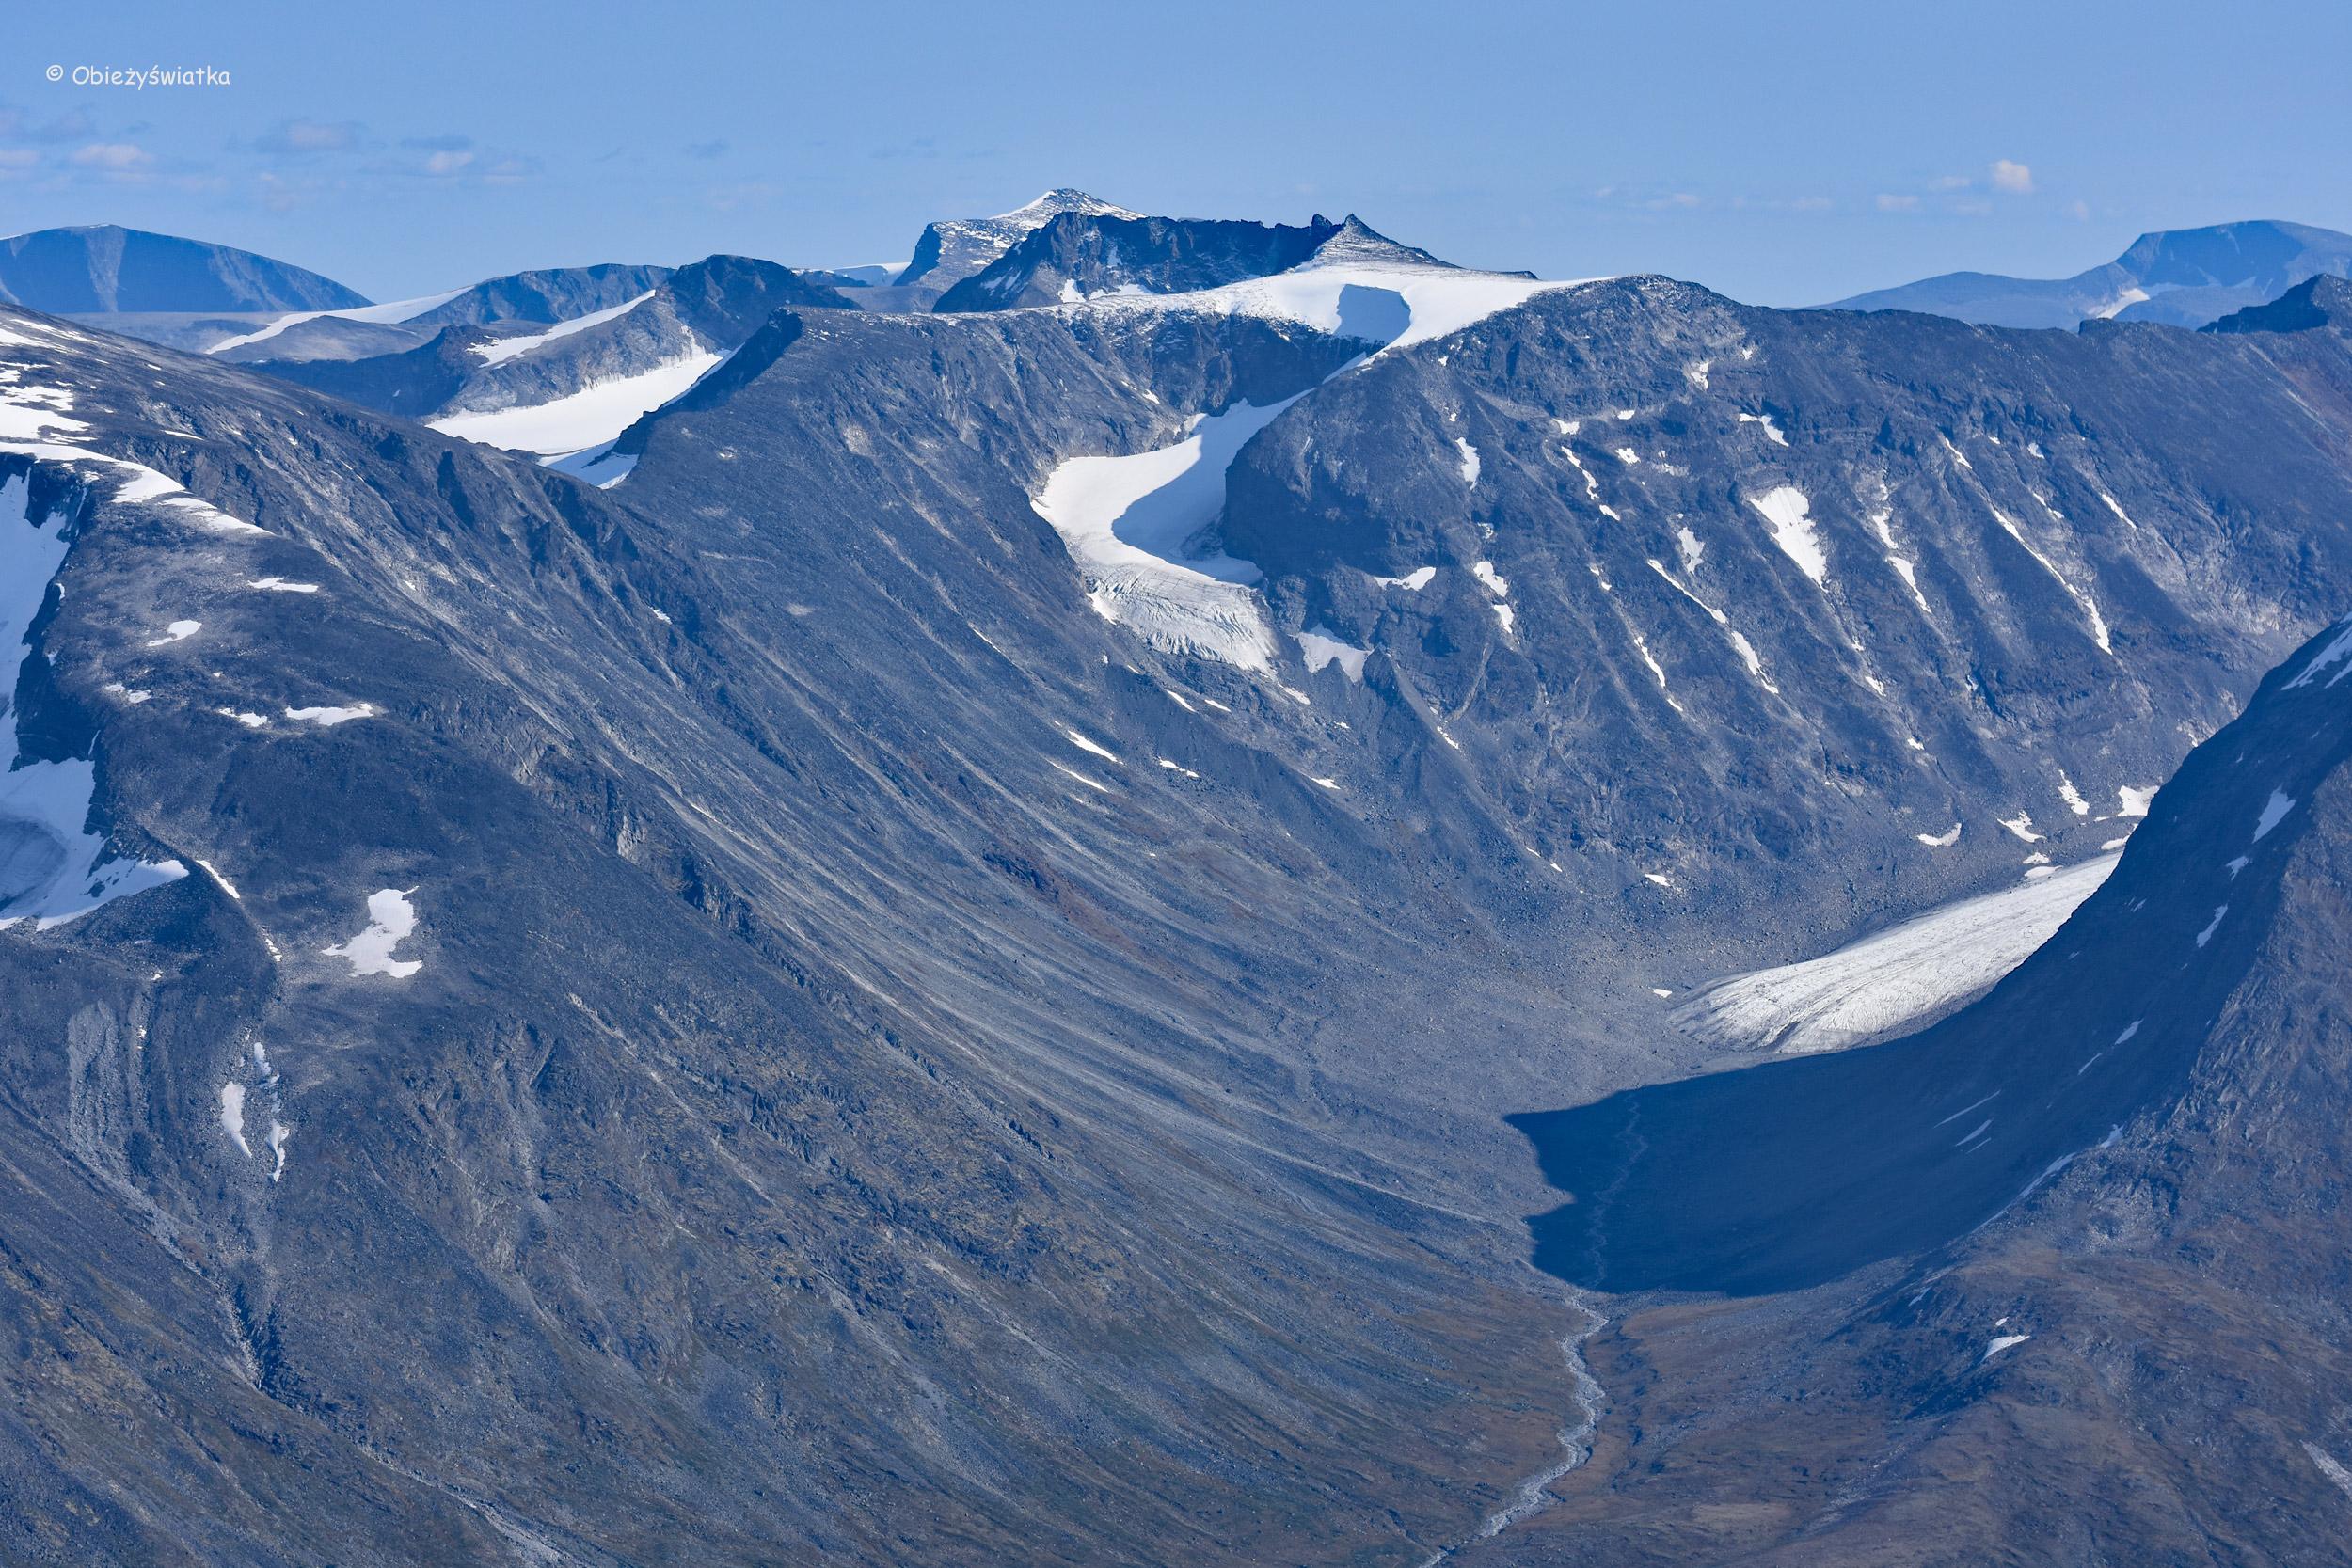 Jotunheimen - widok ze szlaku